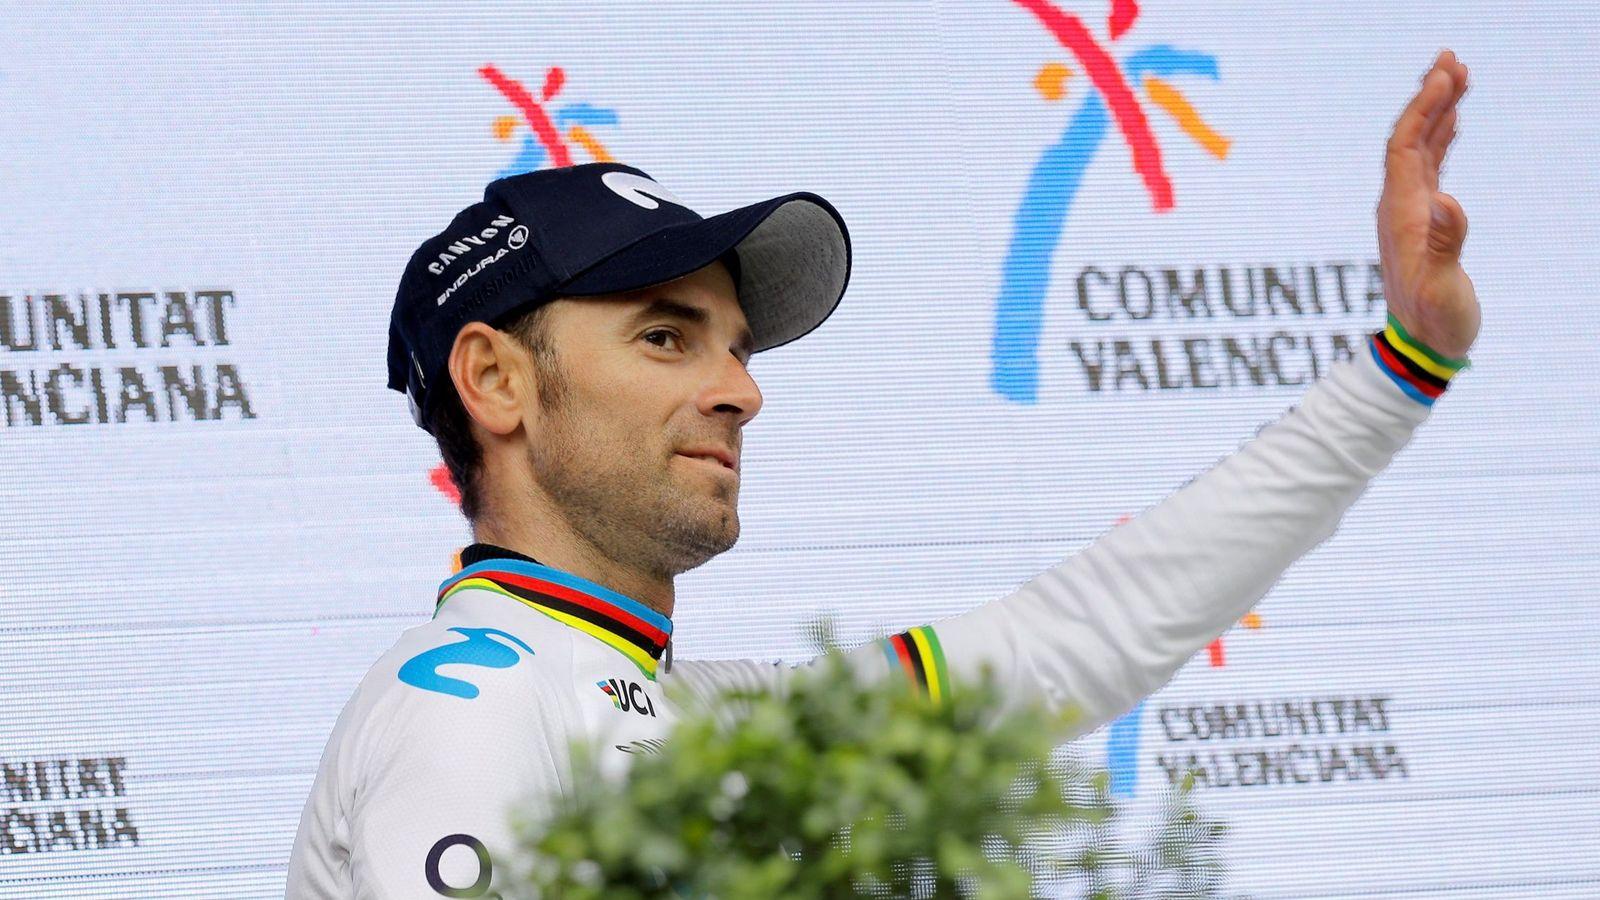 Foto: Alejandro Valverde, el campeón del mundo, anuncia su retirada para 2021. (EFE)